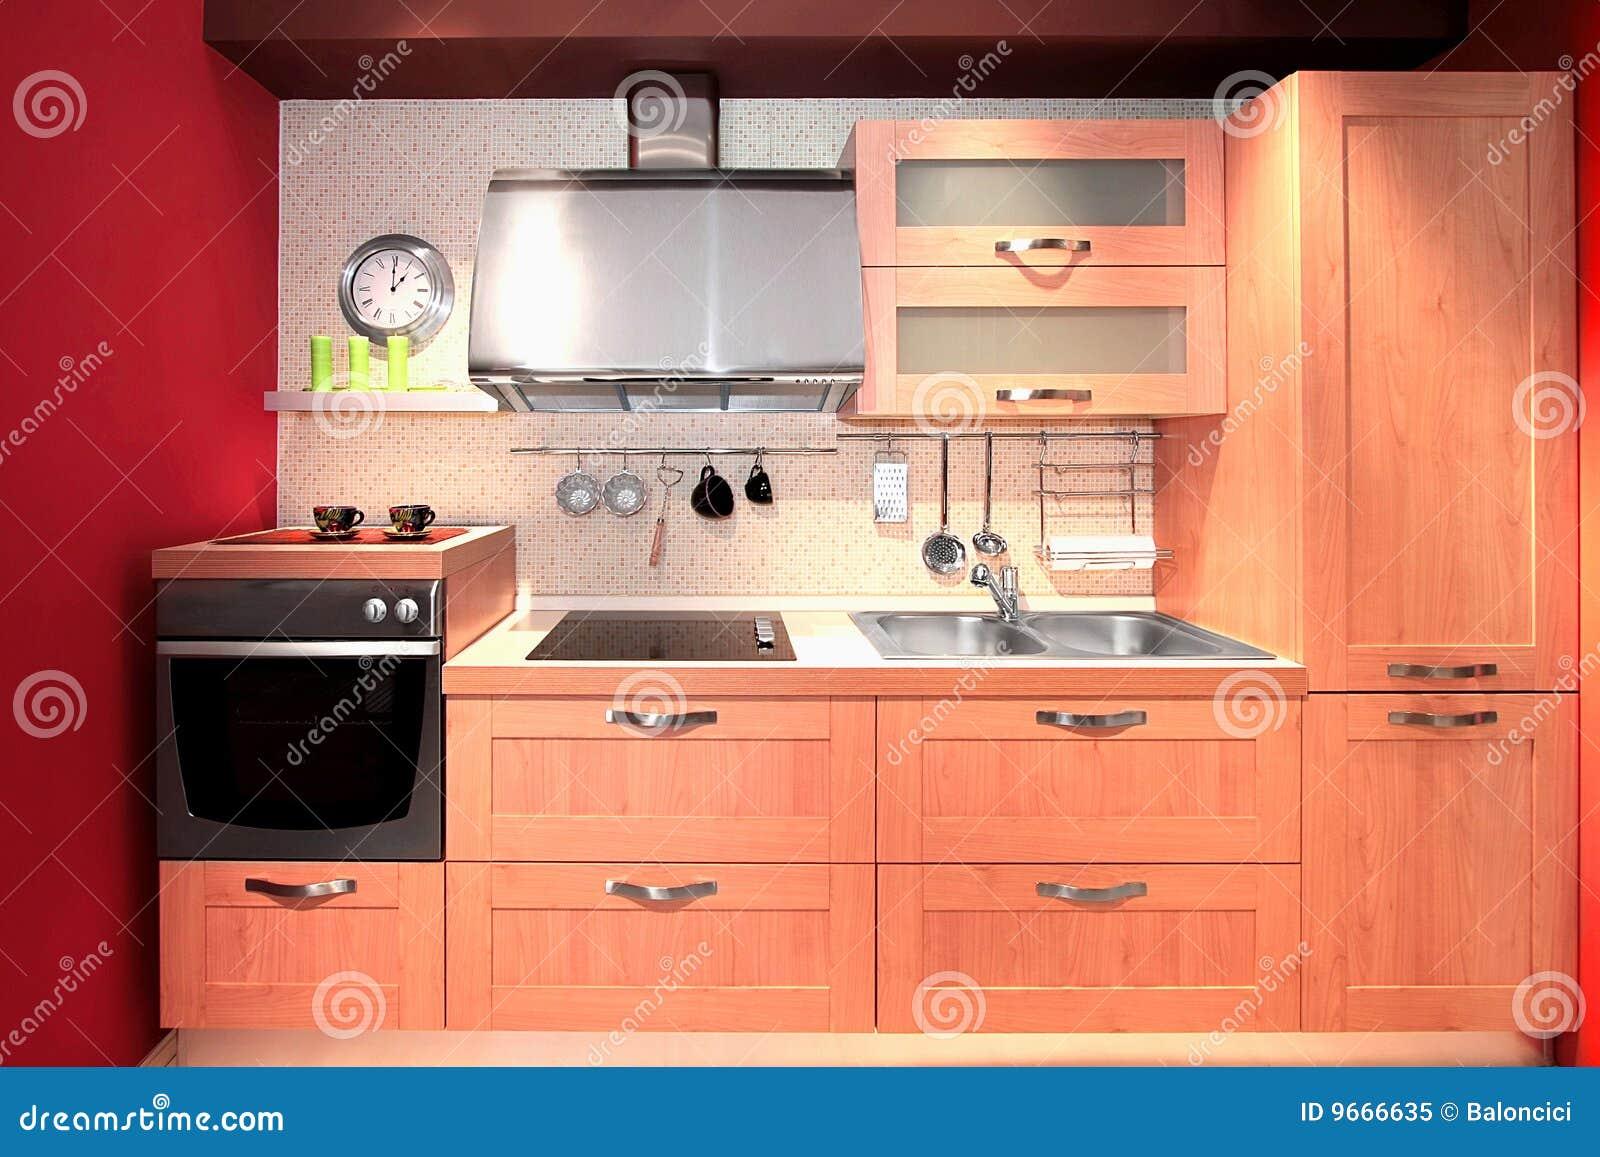 Kleine Compacte Keuken : Compacte Keuken Royalty-vrije Stock Foto – Afbeelding: 9666635